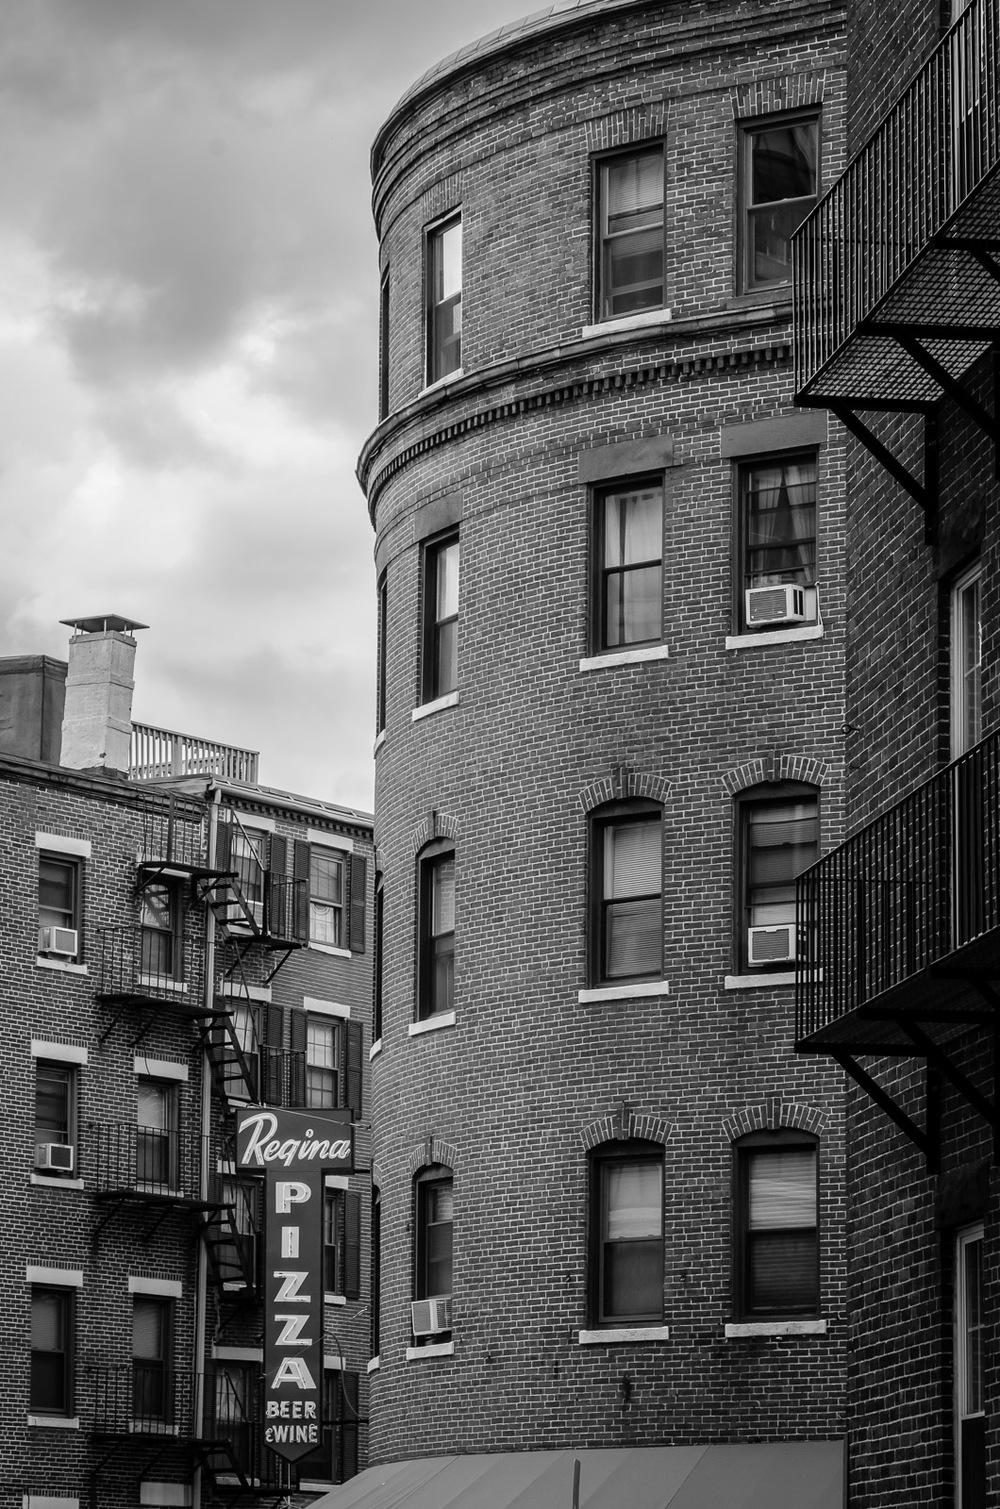 Regina Pizza, Boston's North End